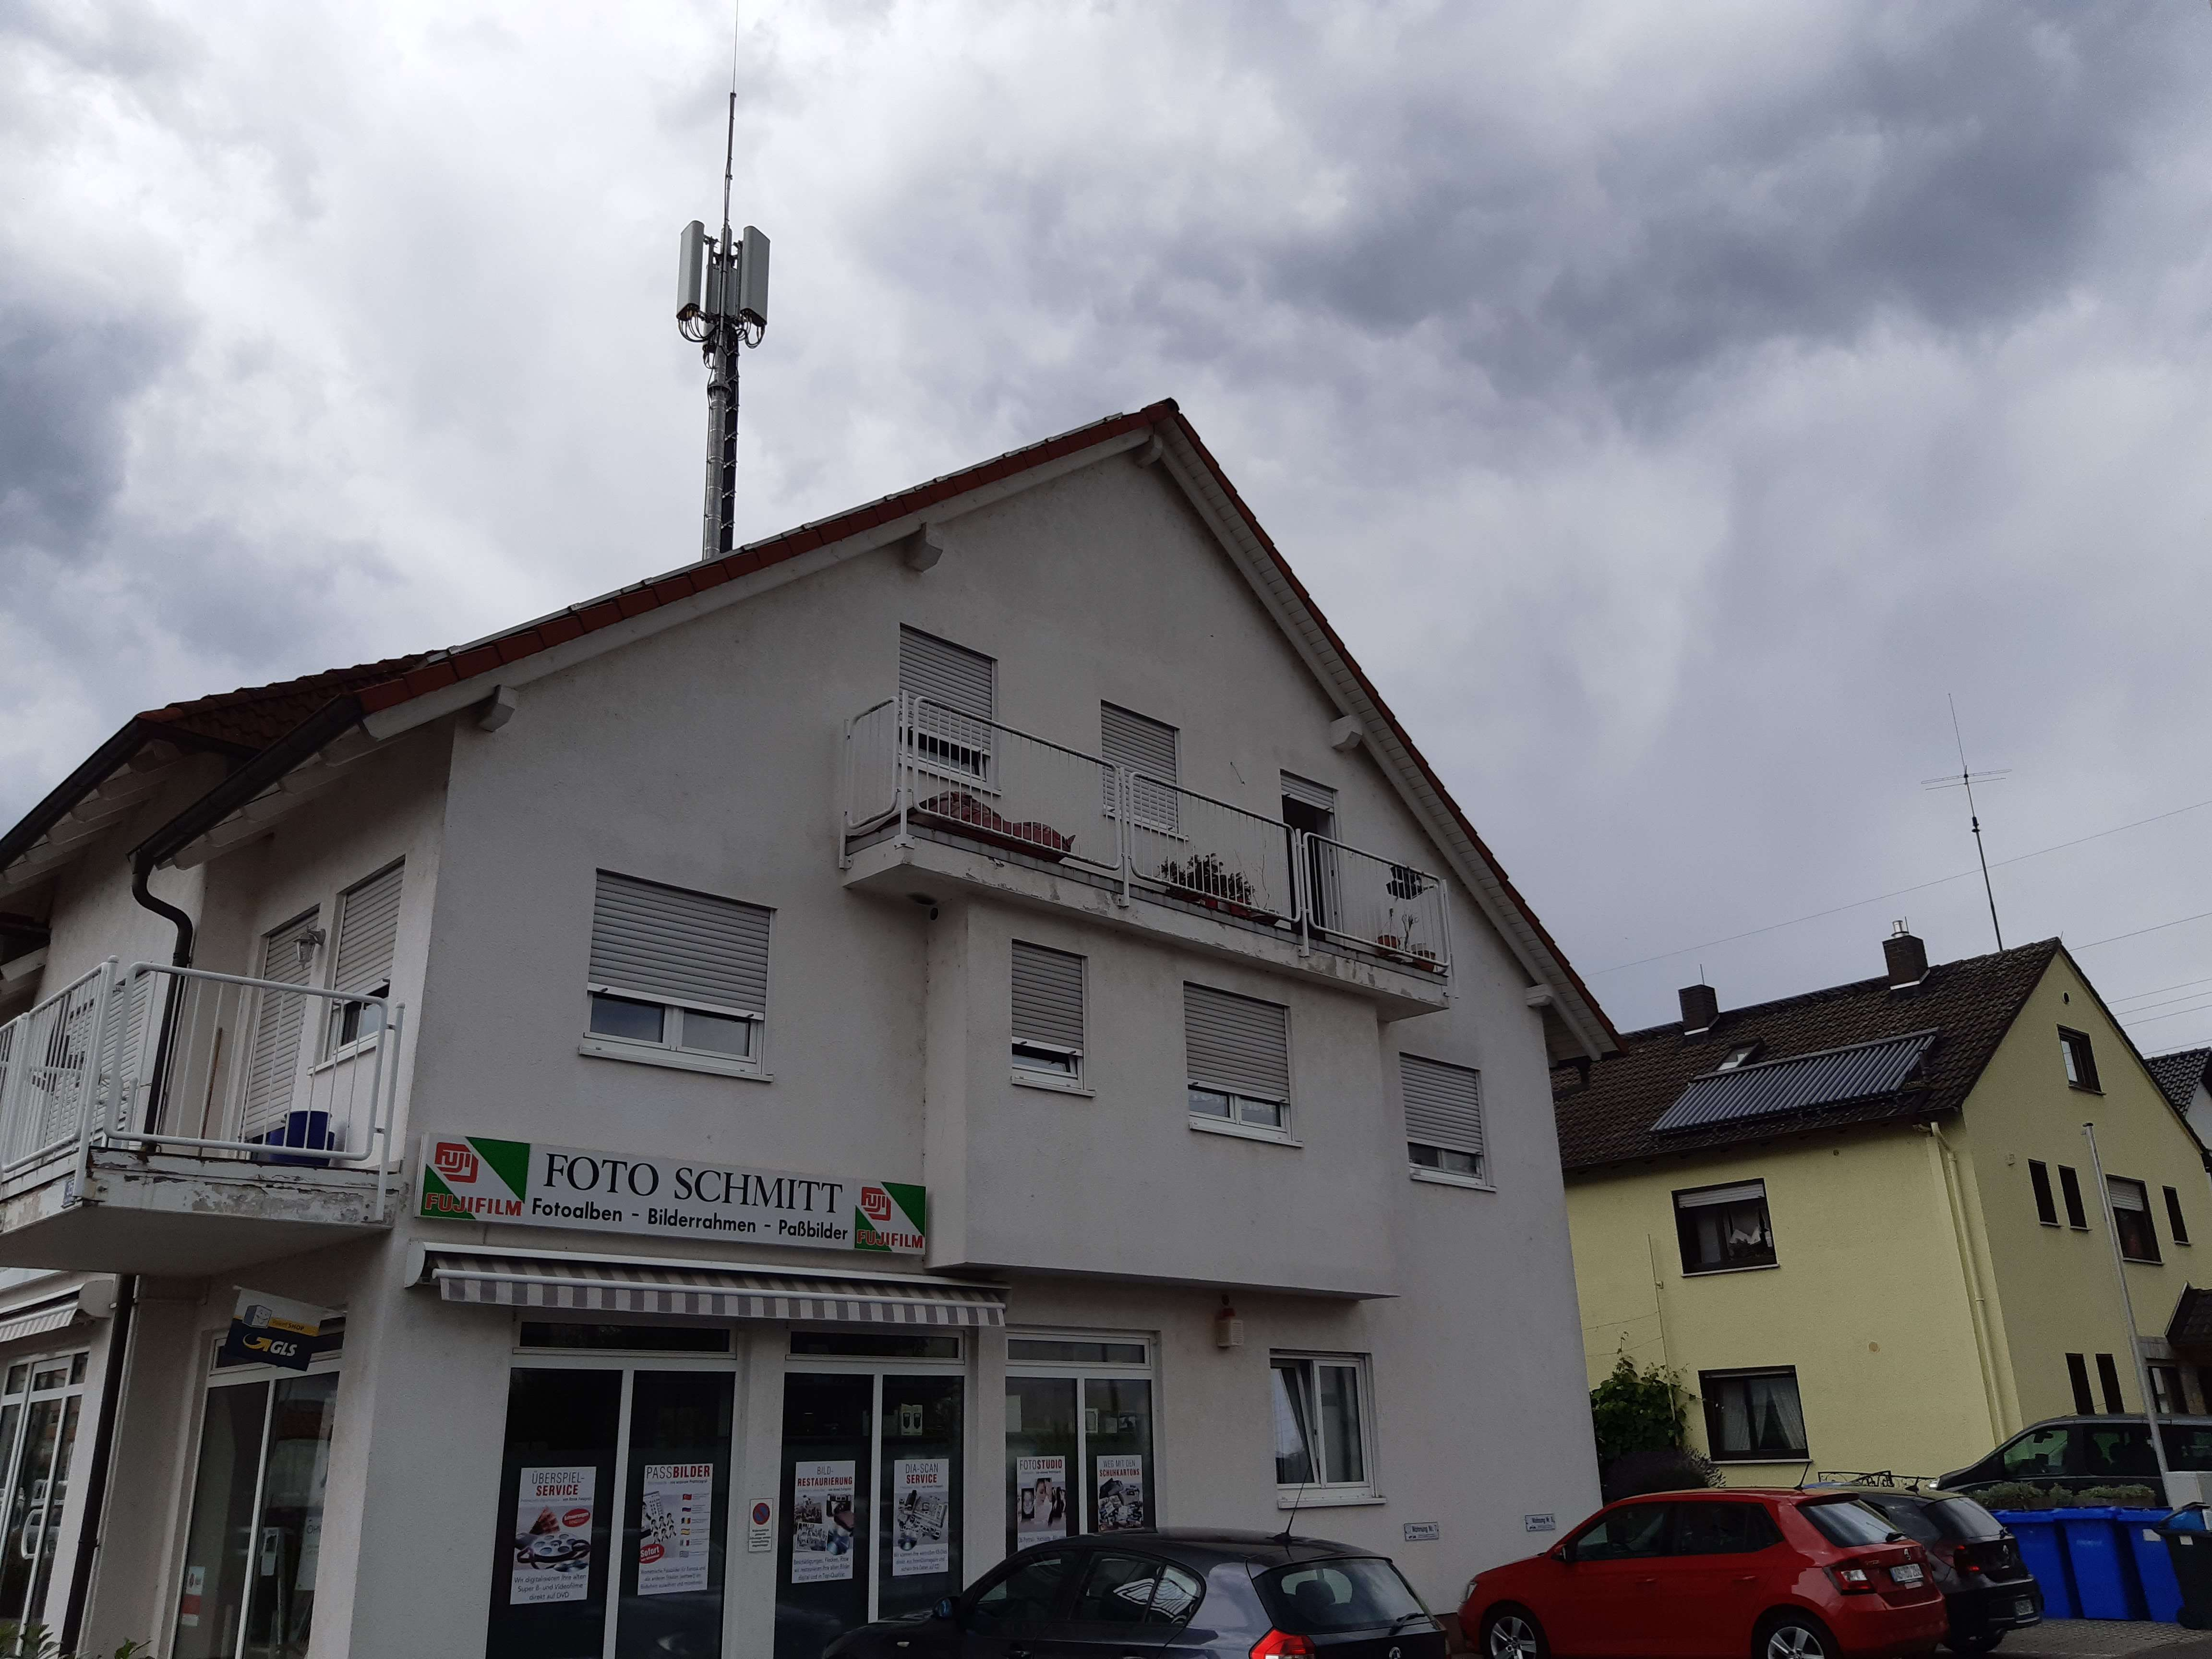 Gepflegte 2-Zimmer-Dachgeschosswohnung mit Balkon in Aschaffenburg (Kreis) in